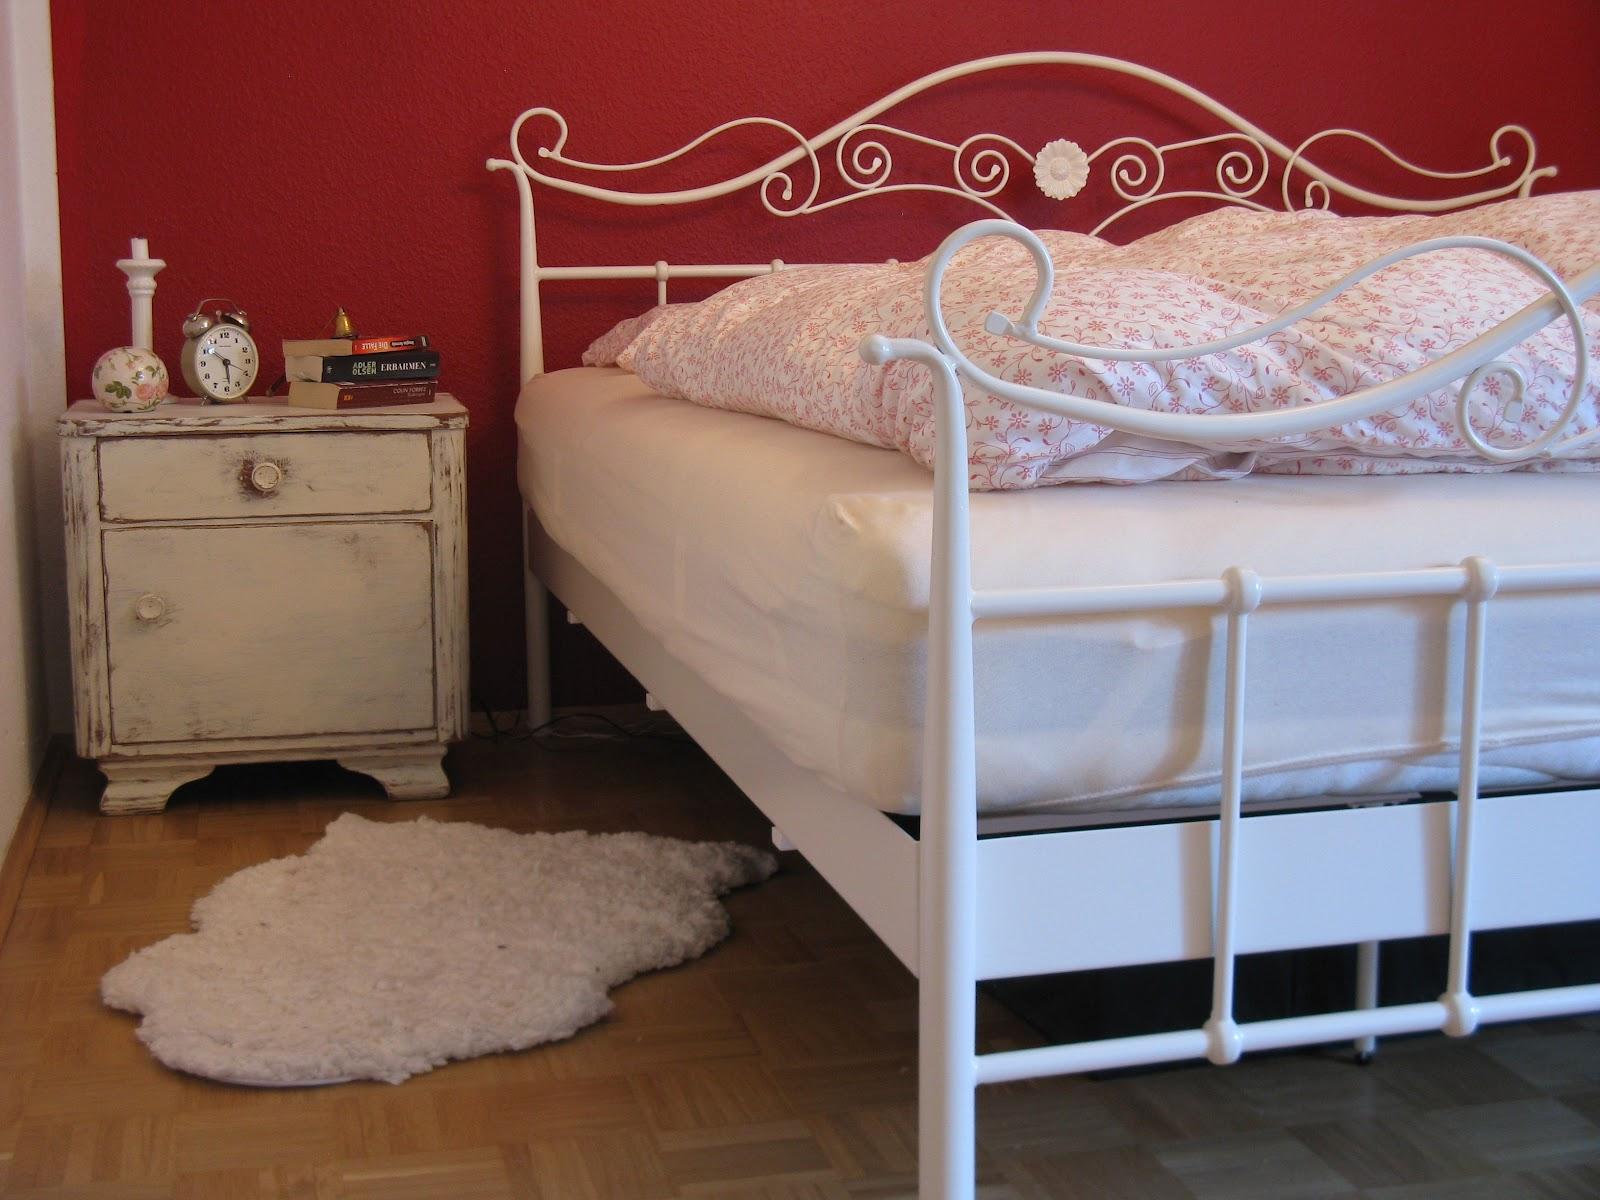 Mein traum schlafzimmer  Leben und Leben lassen...: Mein Traumschlafzimmer